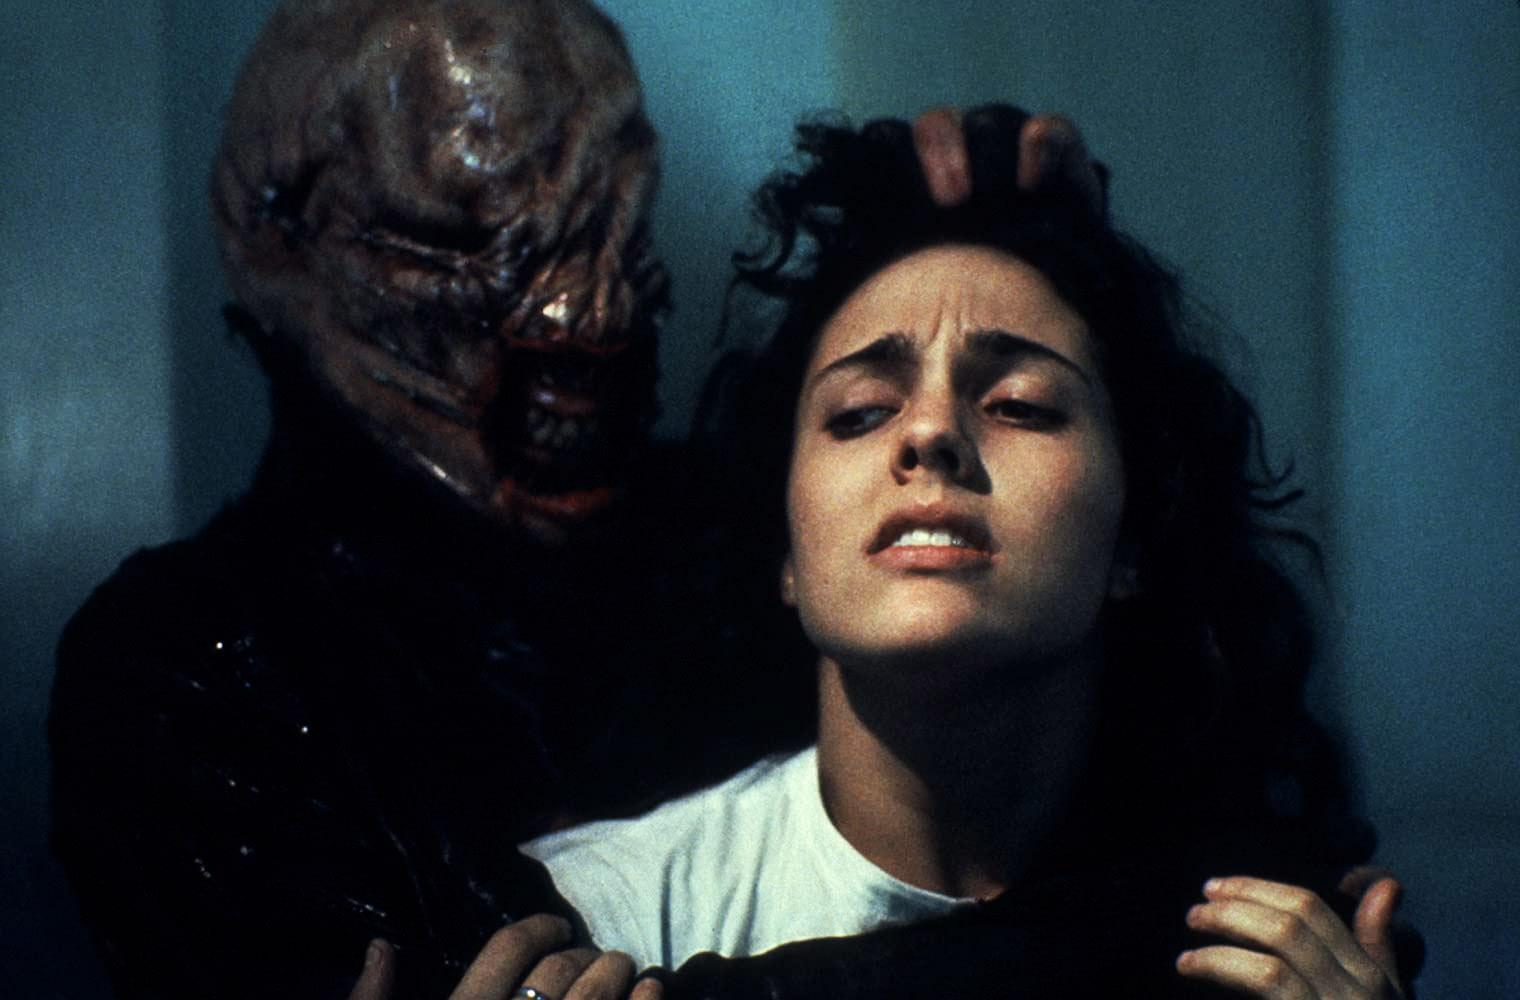 Ashley Laurence i dårlig selskap med The Chatterer Cenobite i originale Hellraiser (Film Futures/Entertainment Film Distributors)